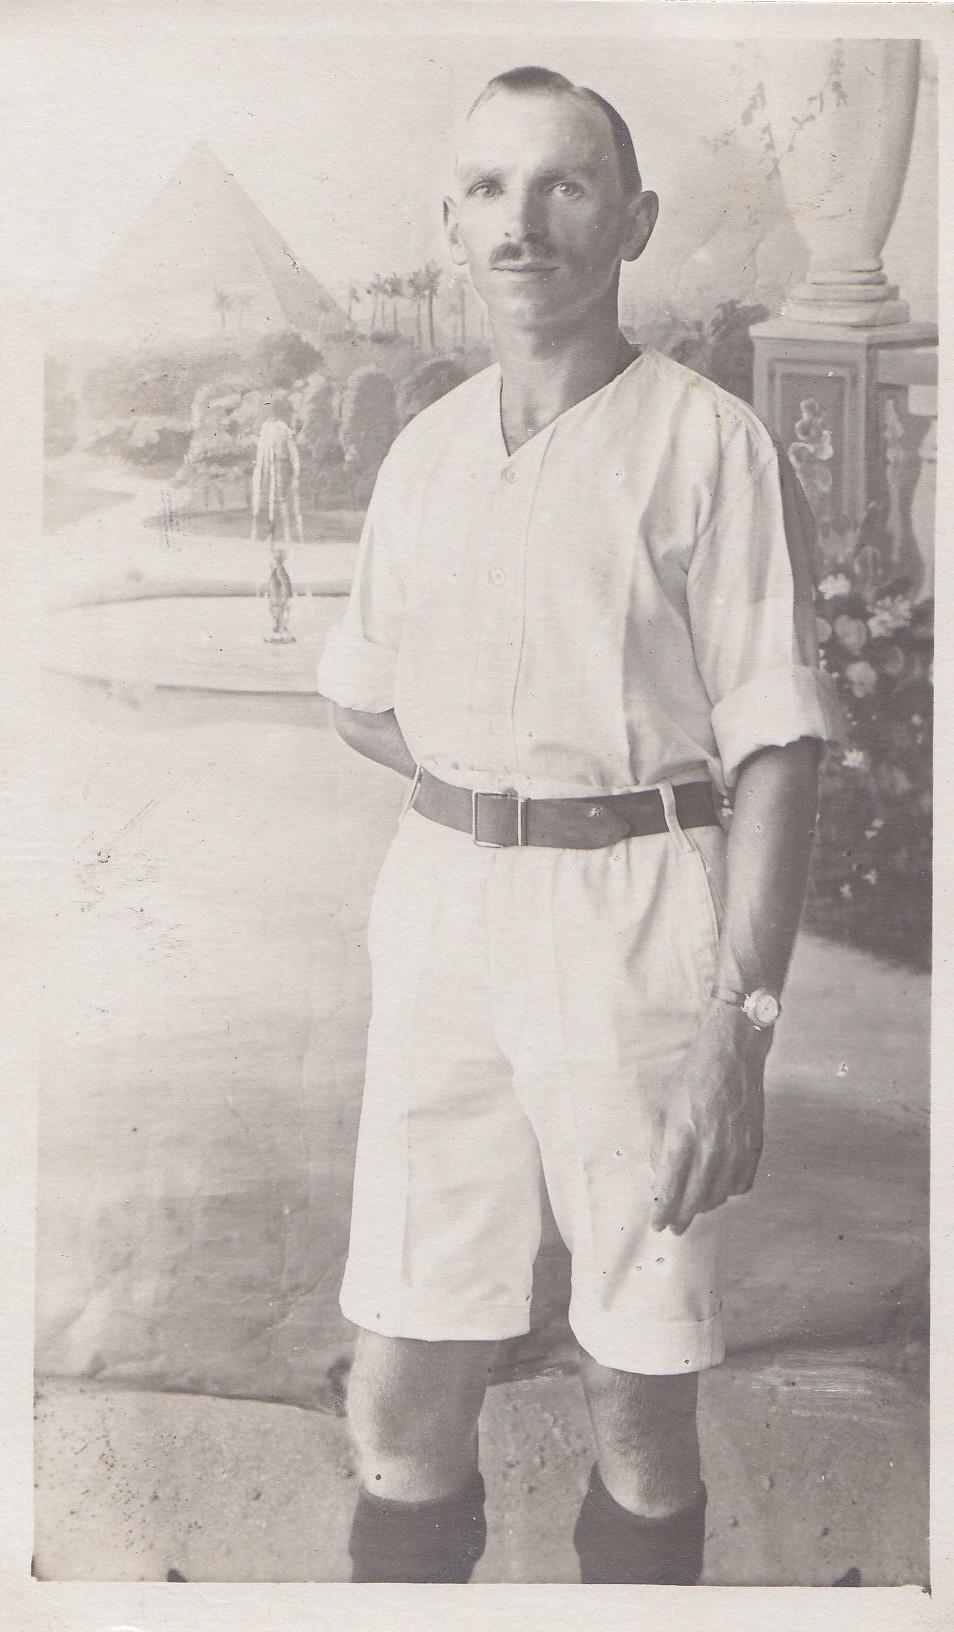 Zur Erinnerung für Ewald Engels von Hans Pfennigstorf 1919